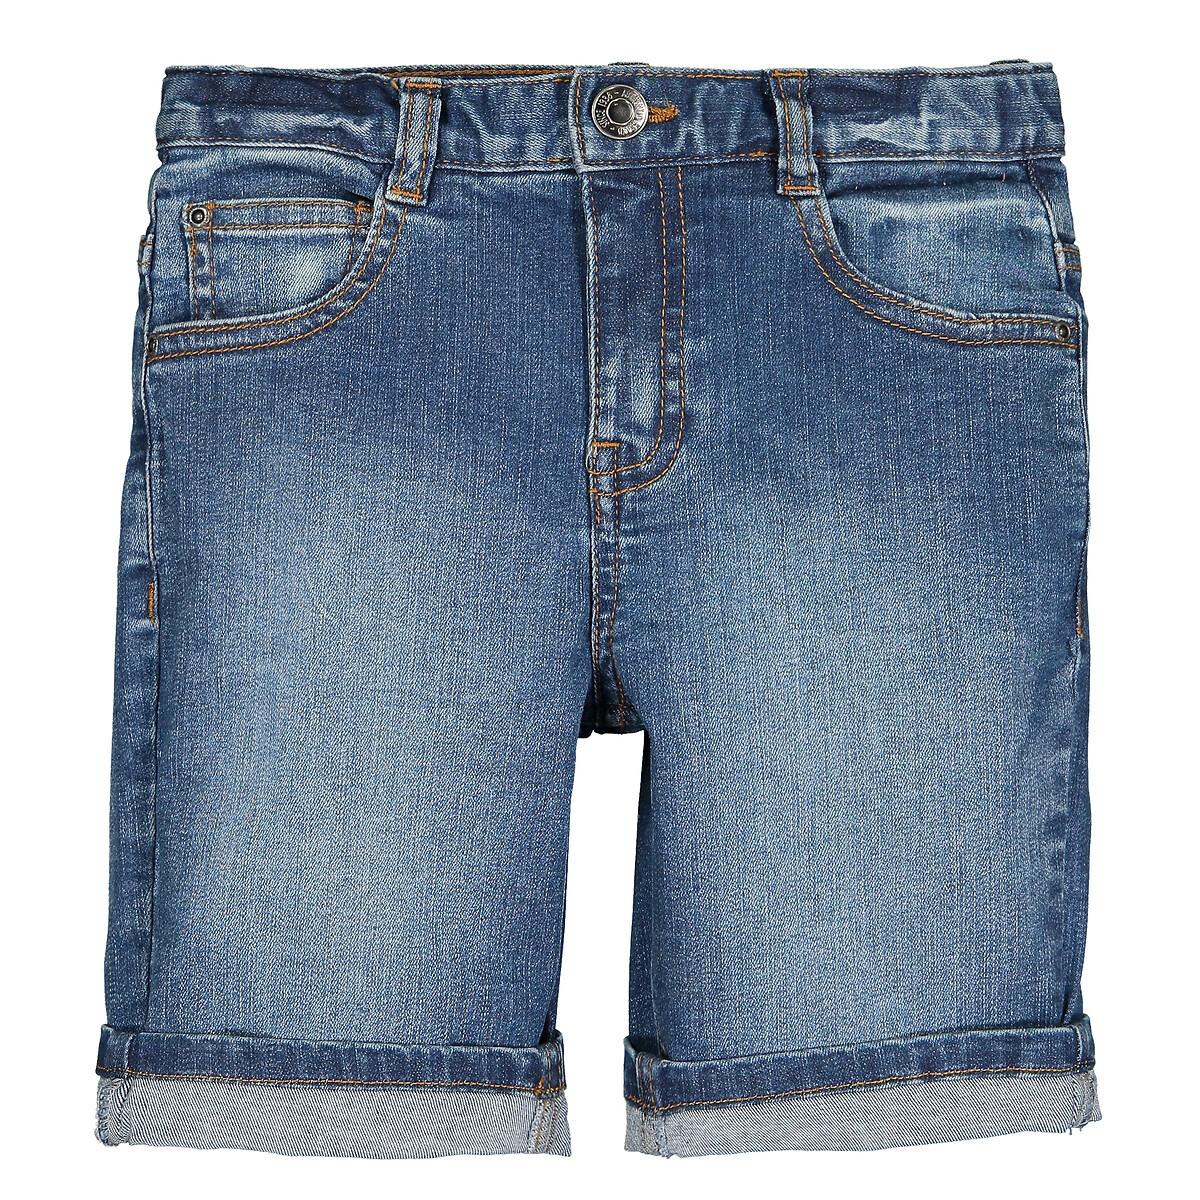 Бермуды LaRedoute Из джинсовой ткани 3-12 лет 6 синий жакет la redoute из джинсовой ткани 3 14 лет 5 лет 108 см синий